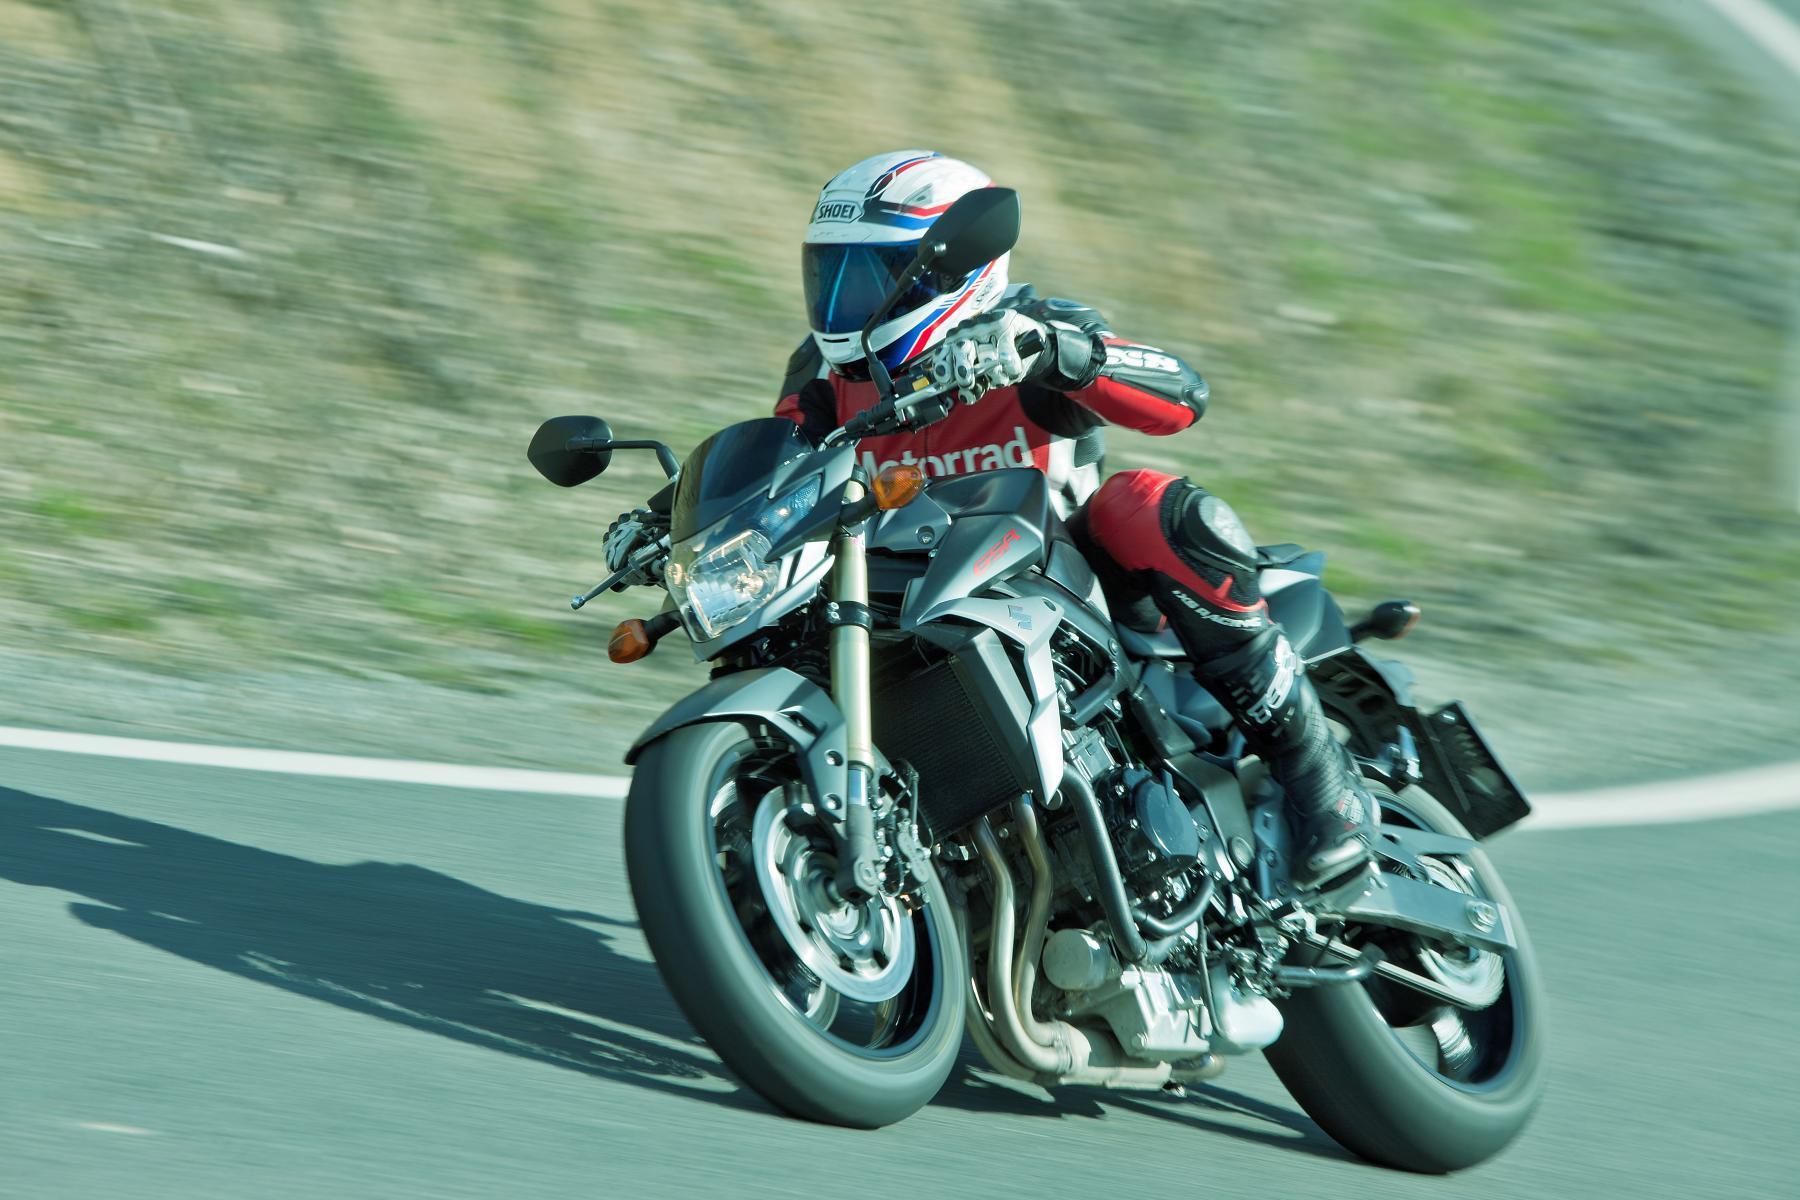 http://www.motorrad-bilder.at/slideshows/291/009681/brutale800-gsr750-2013-17.jpg